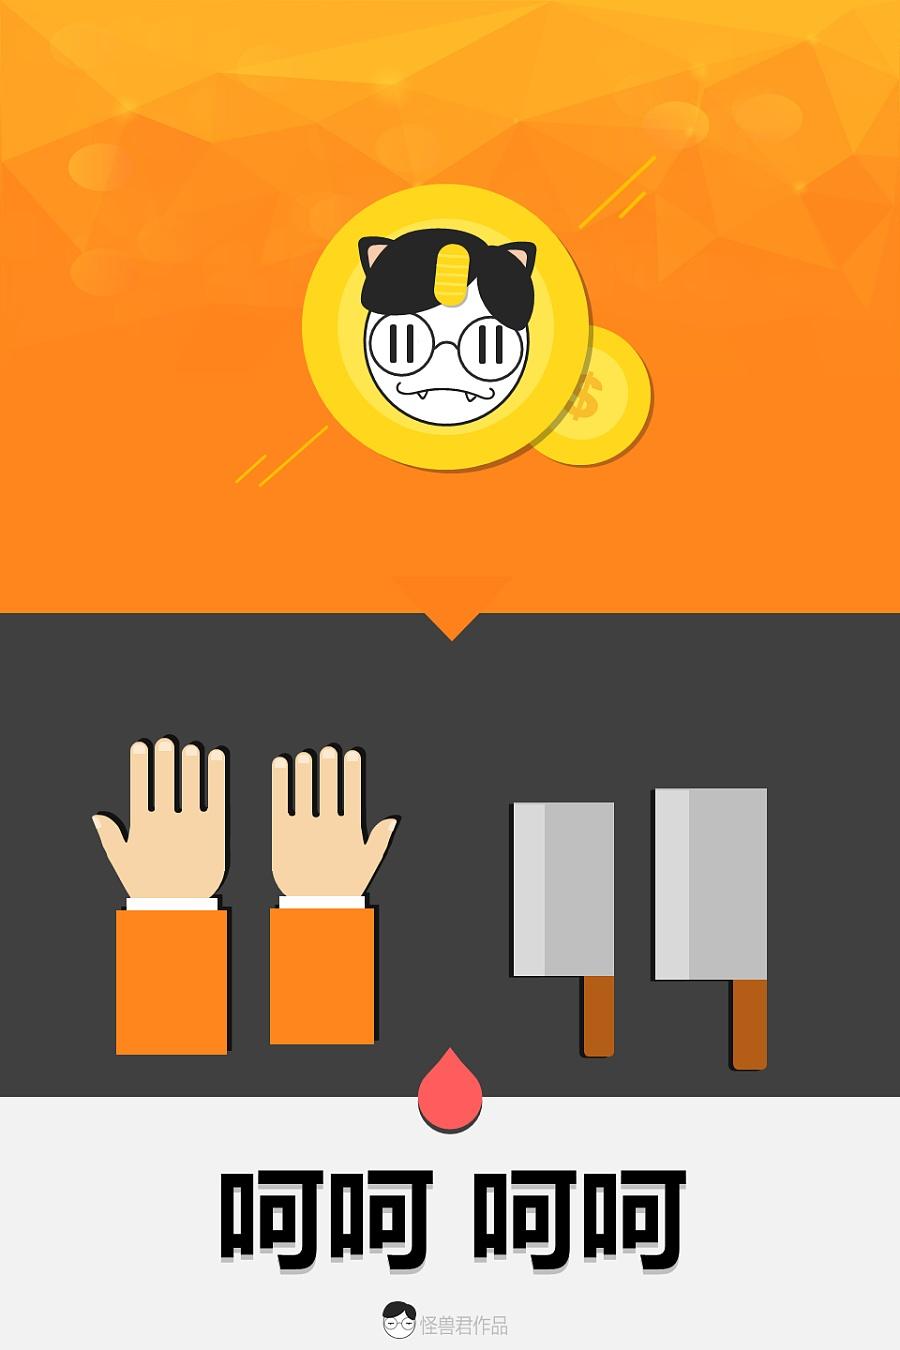 ppt作品《 喵喵怪的双十一》|ppt/演示|平面|sindo图片